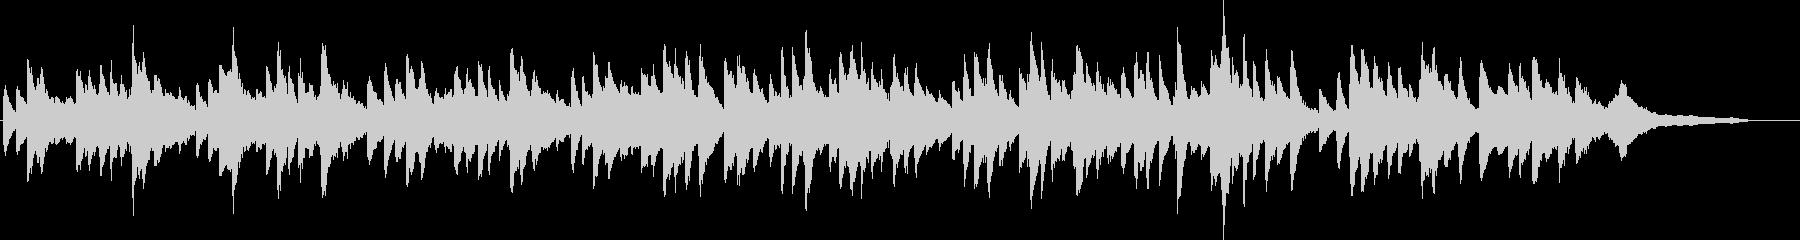 ダニーボーイ・シンプルで優しいピアノソロの未再生の波形